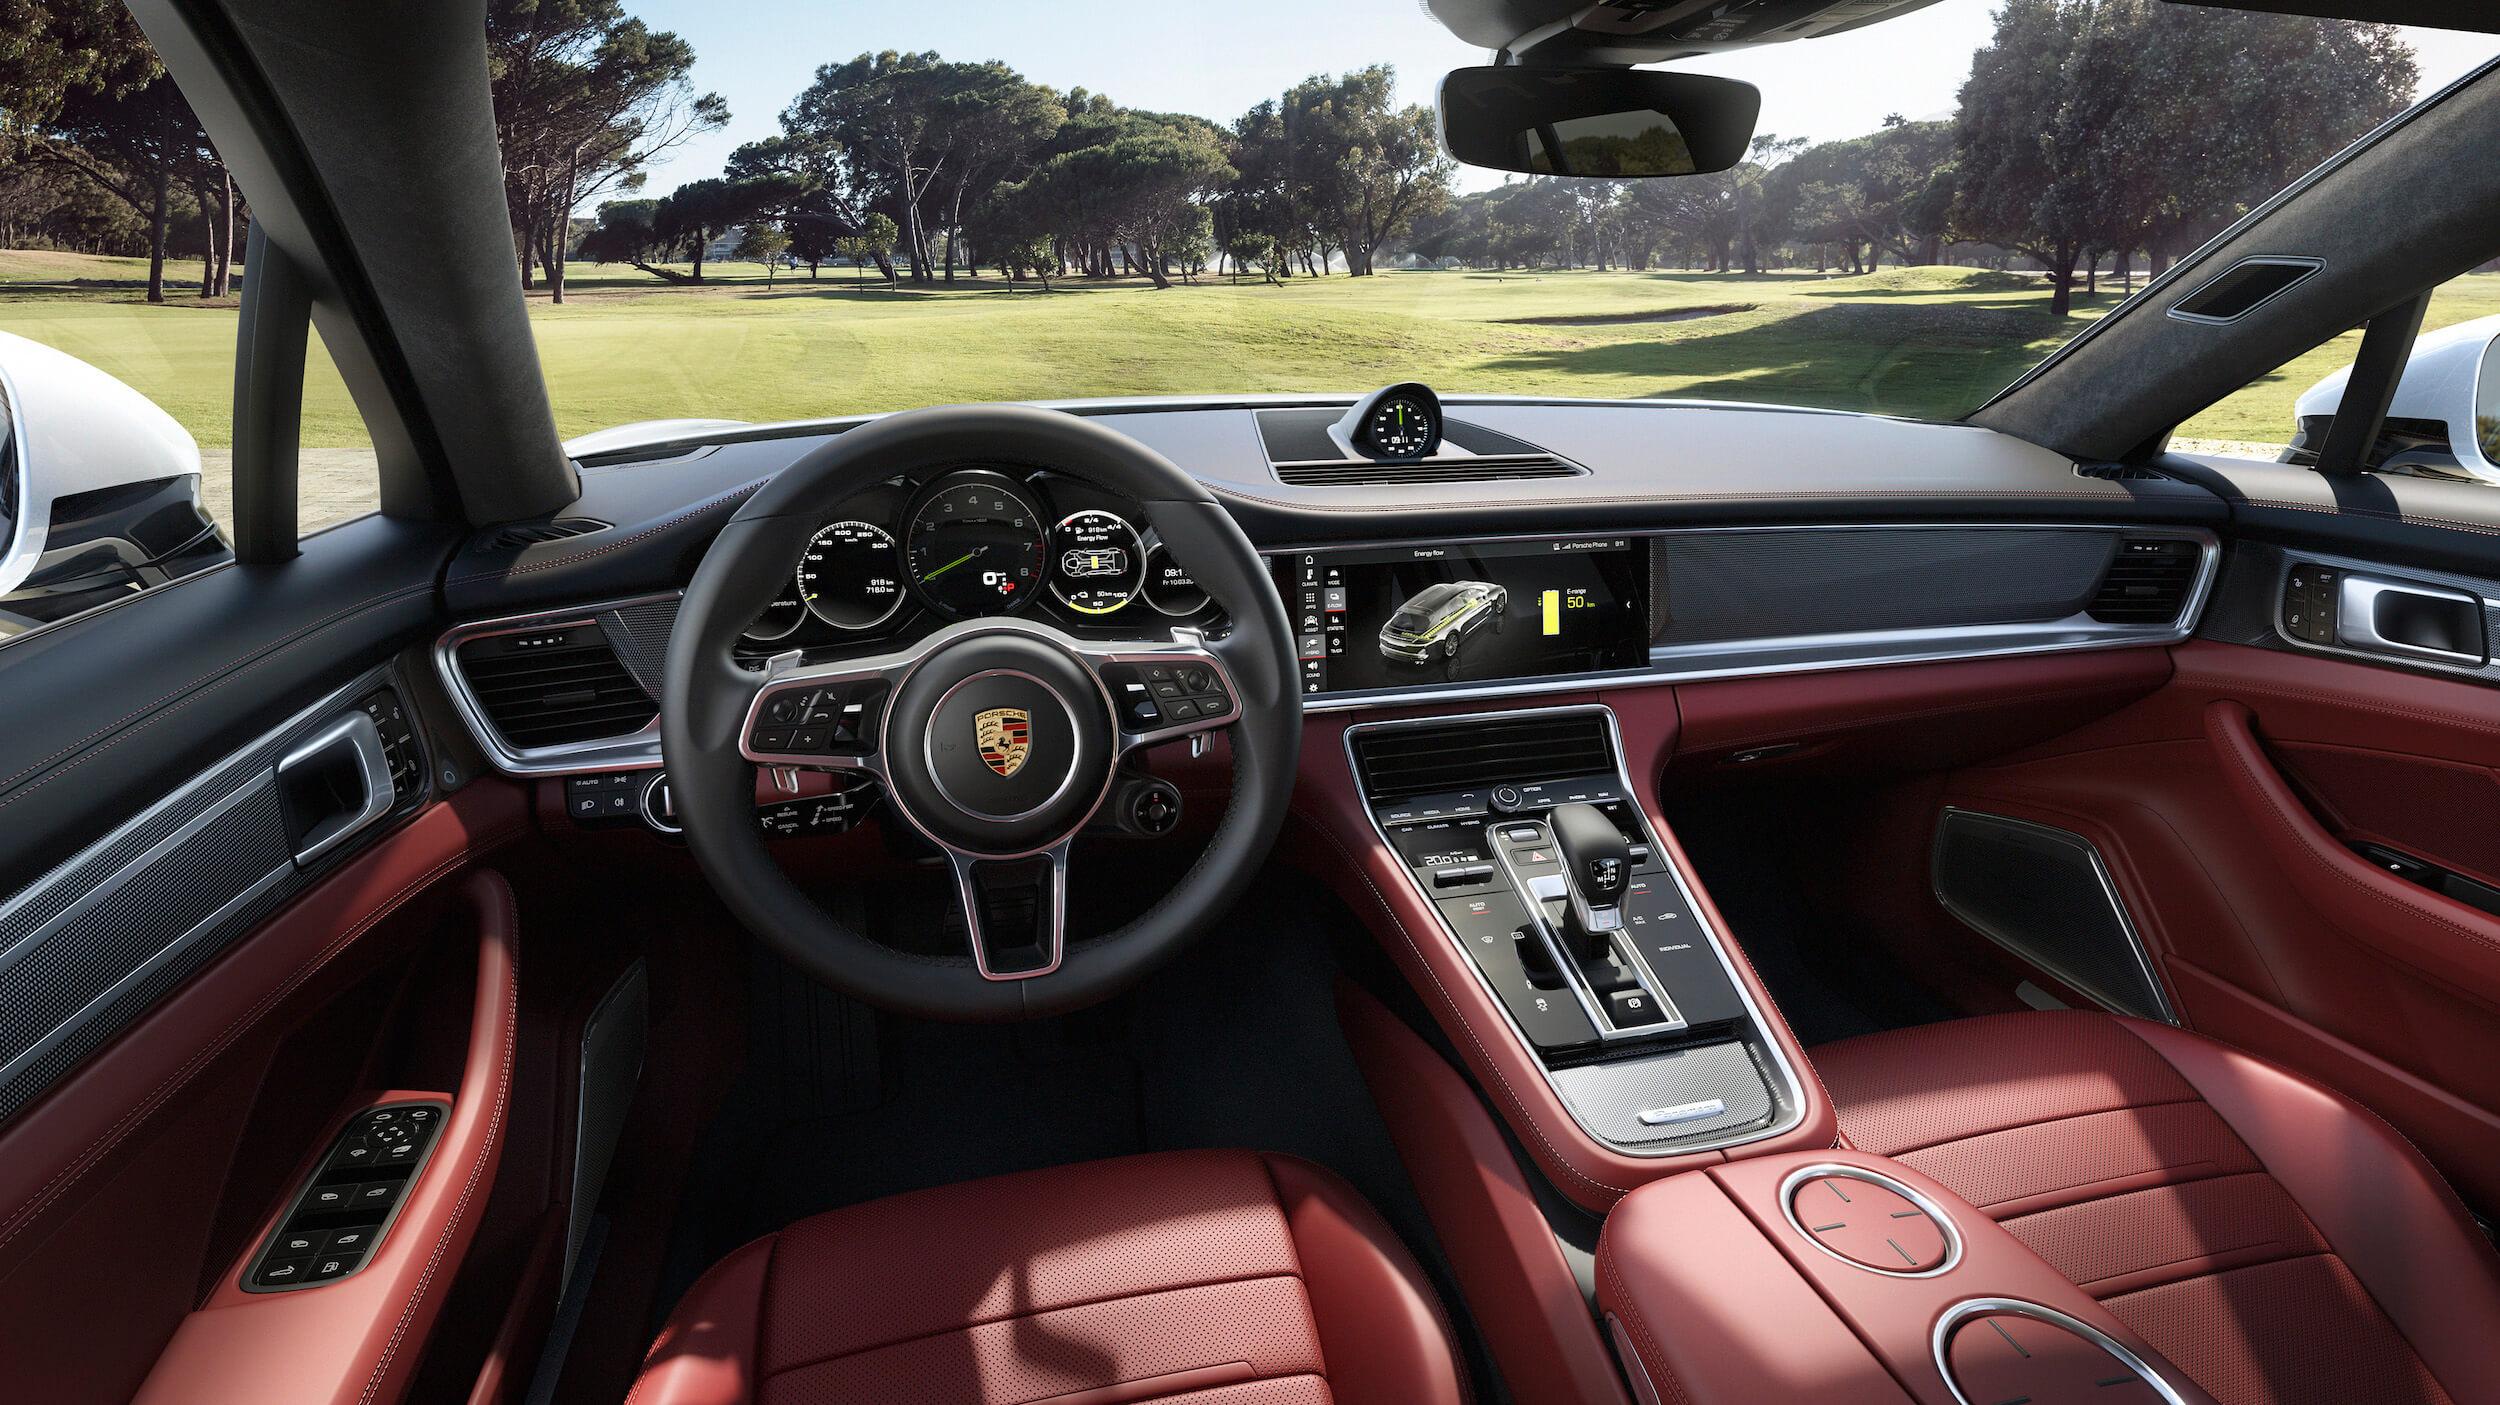 Porsche Panamera Hybride Interieur